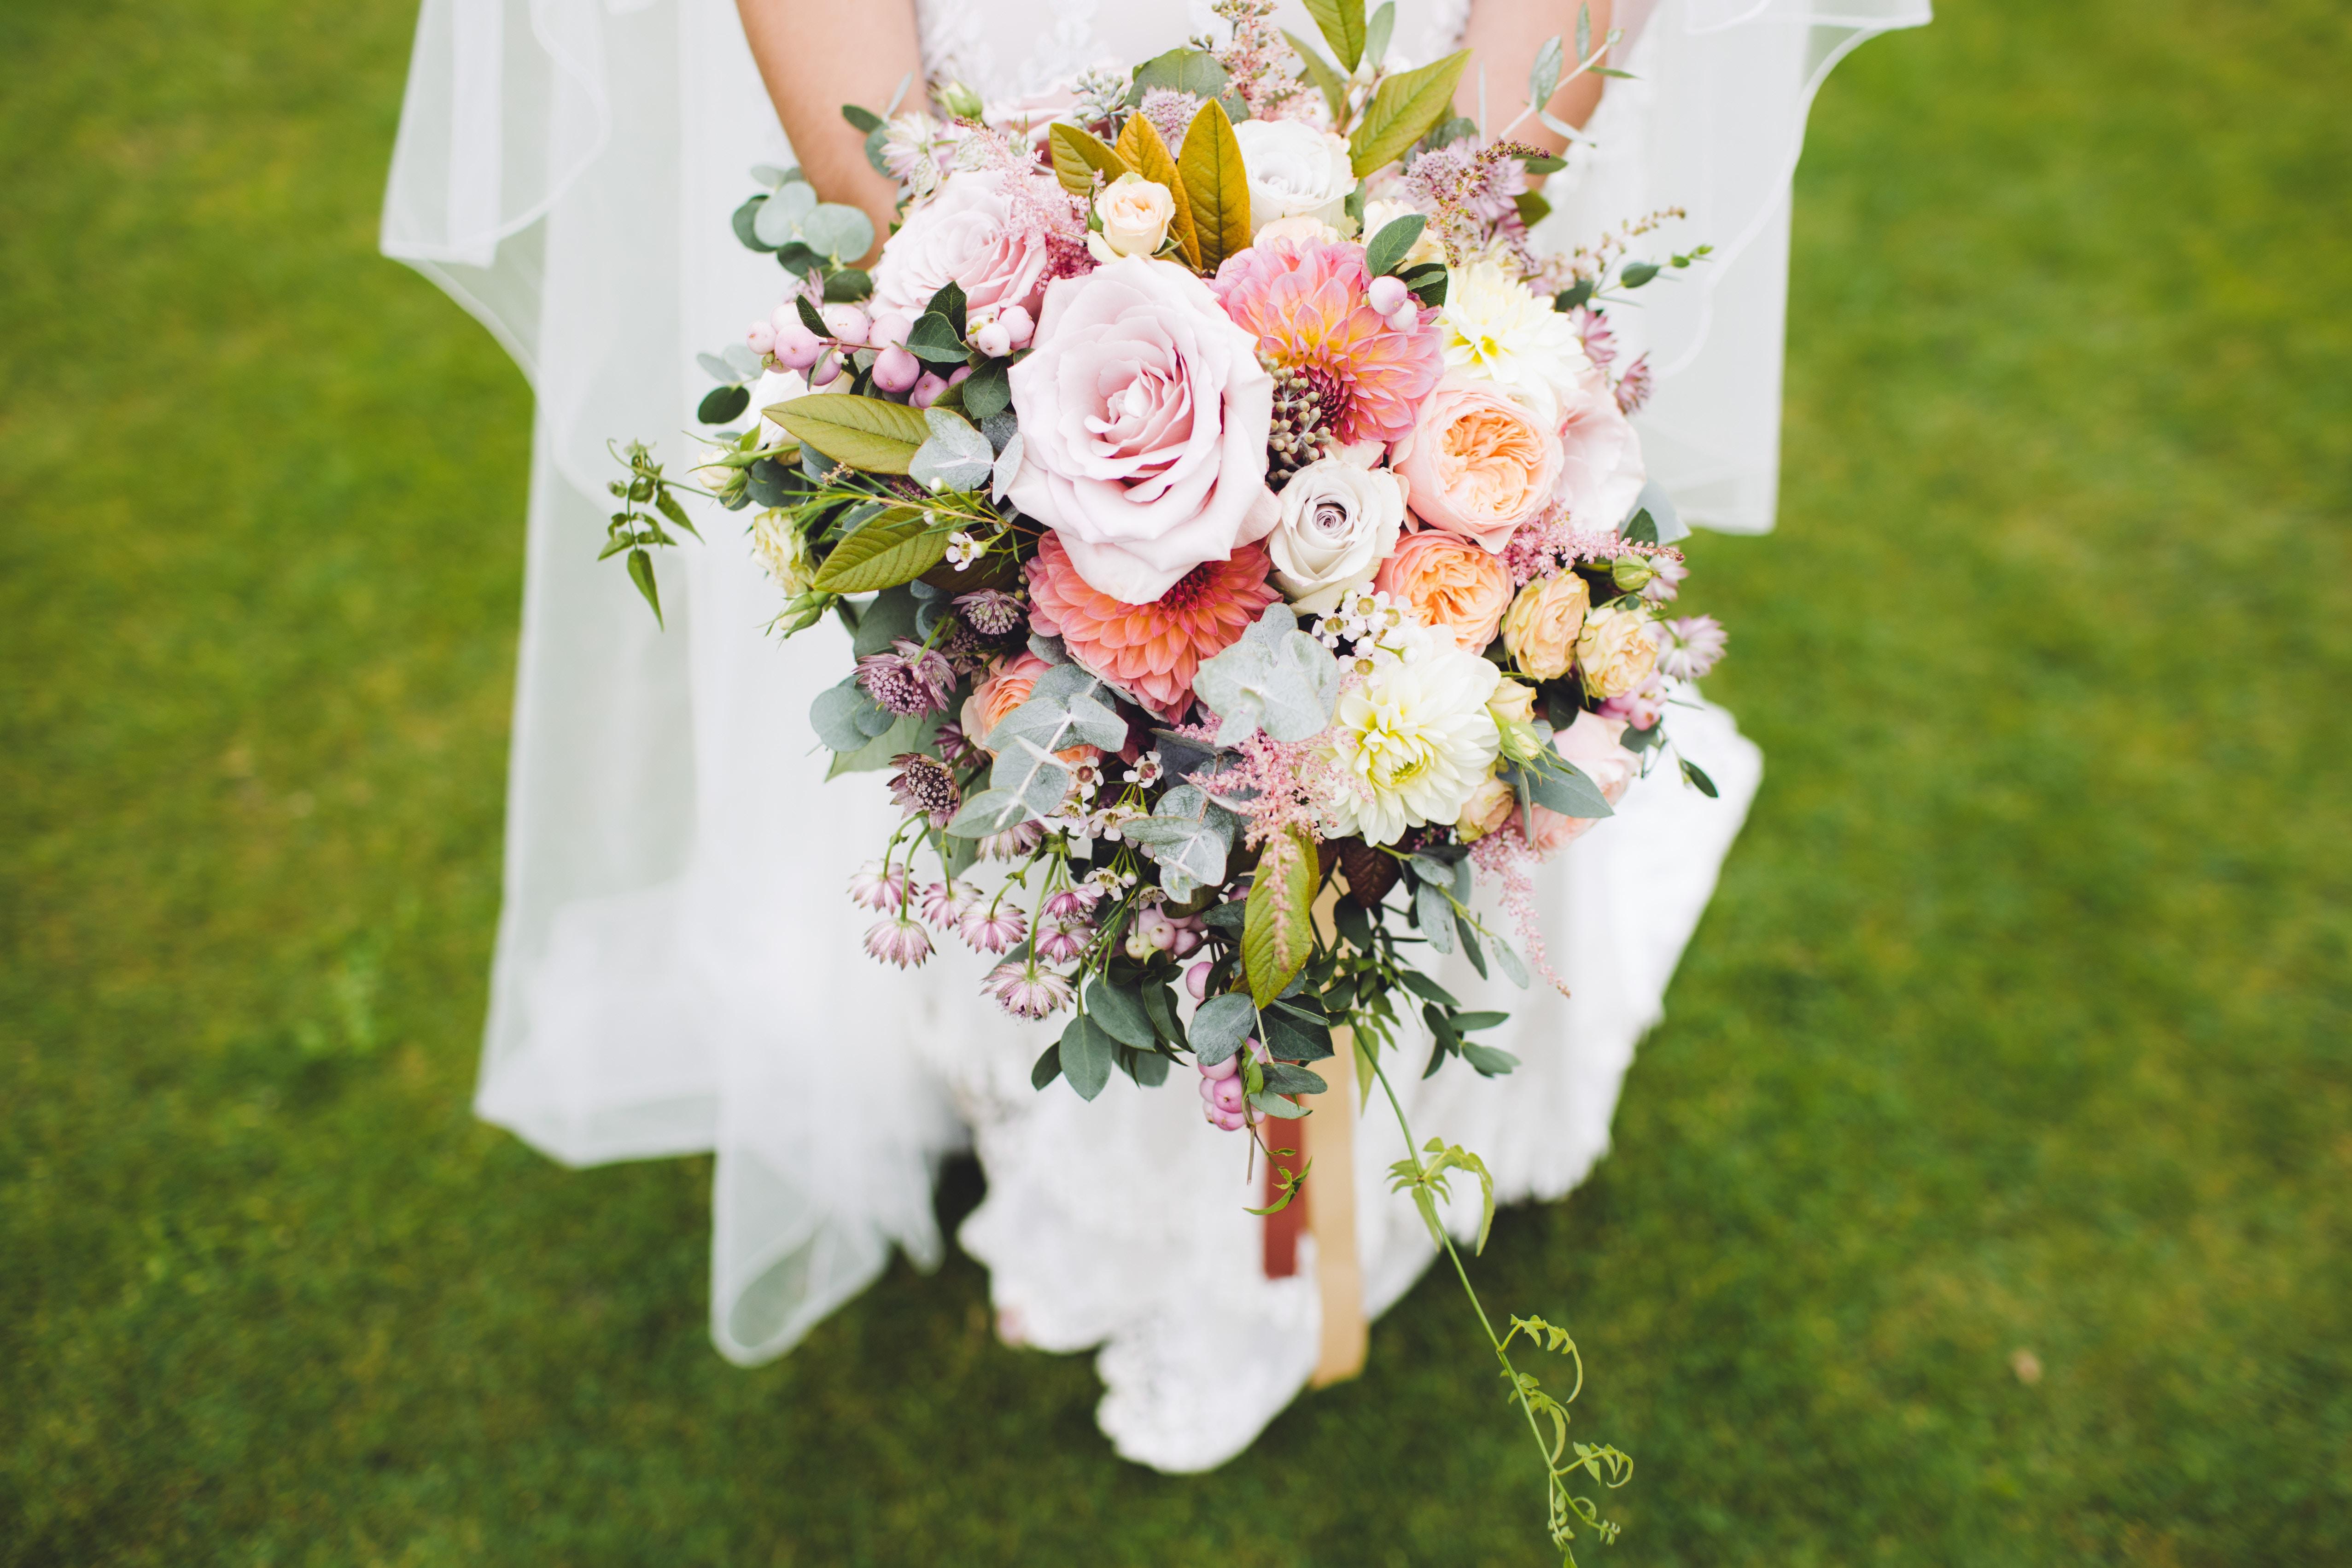 'יום החתונה'- הגדה לילדים על רבי עקיבא ובתו